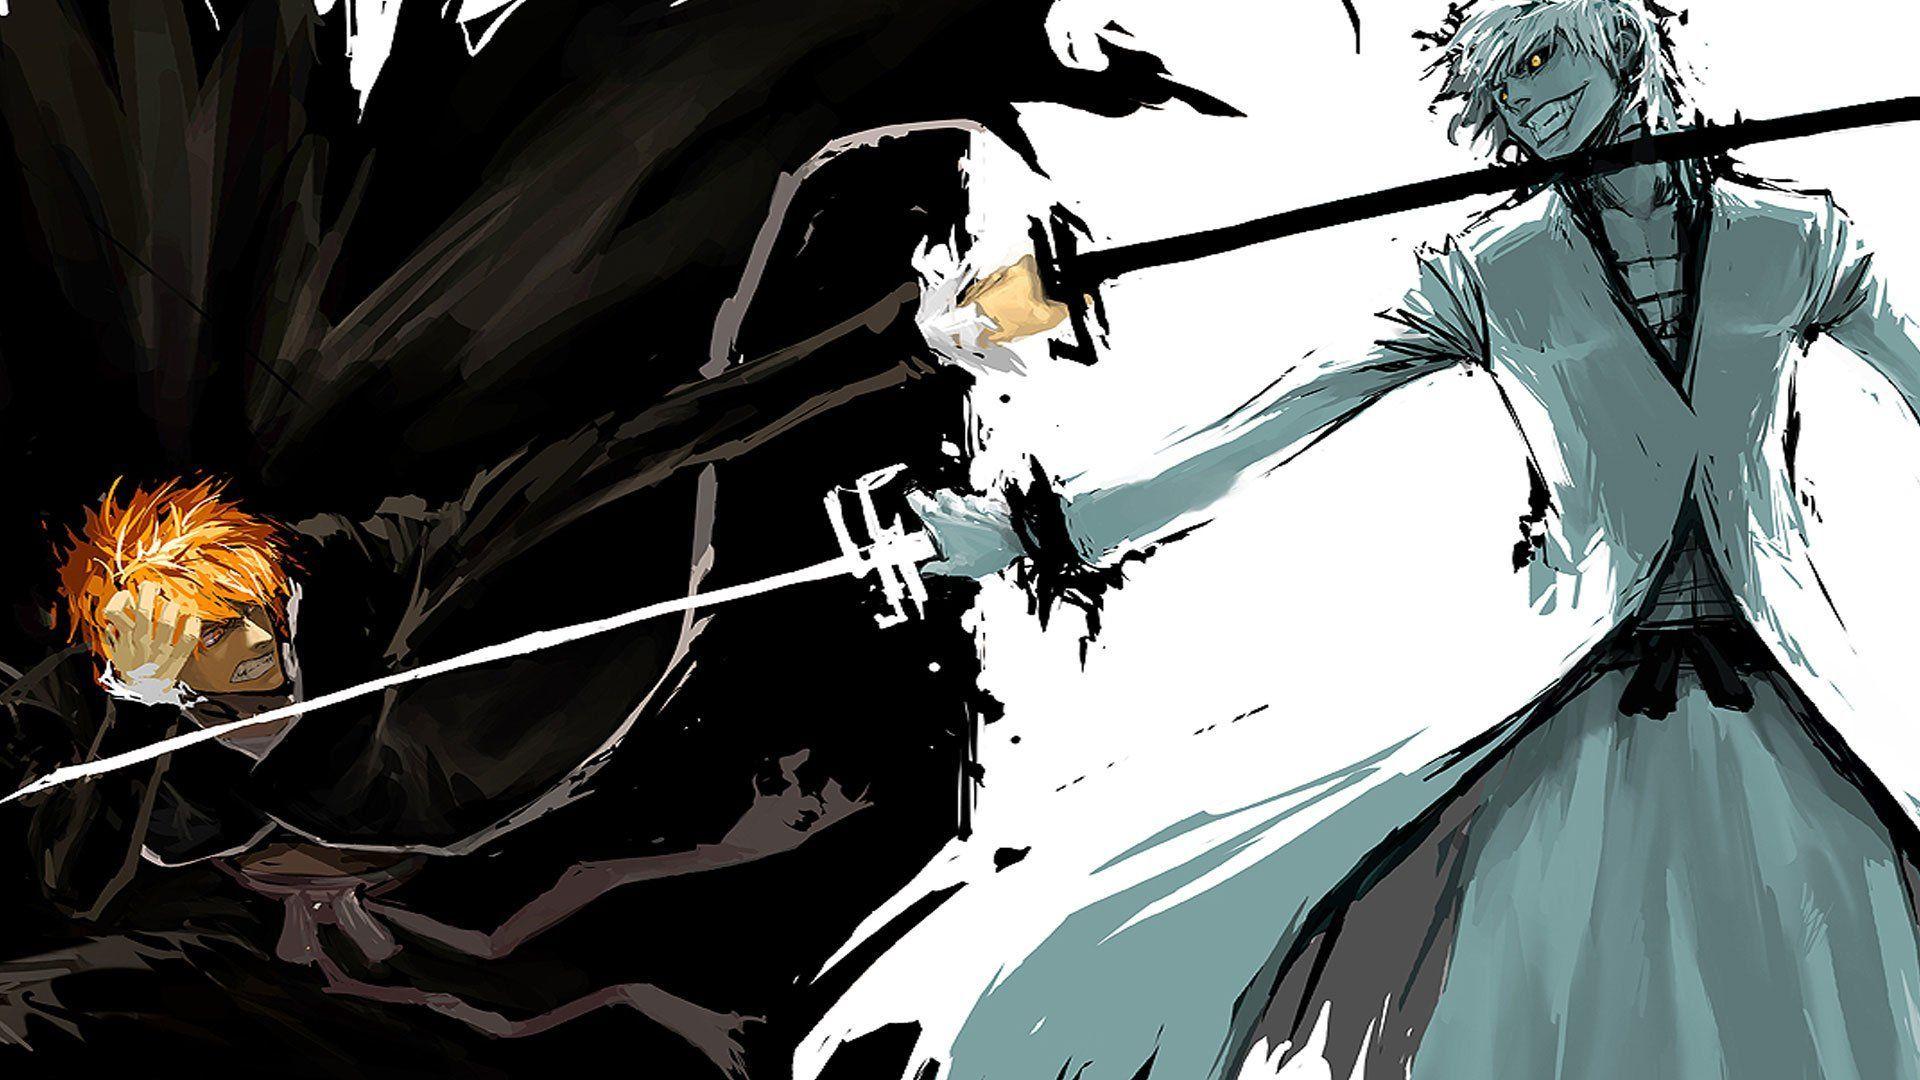 Bleach Anime Wallpaper 4k Hd Art Wallpaper Cool Anime Wallpapers Bleach Art Bleach Anime